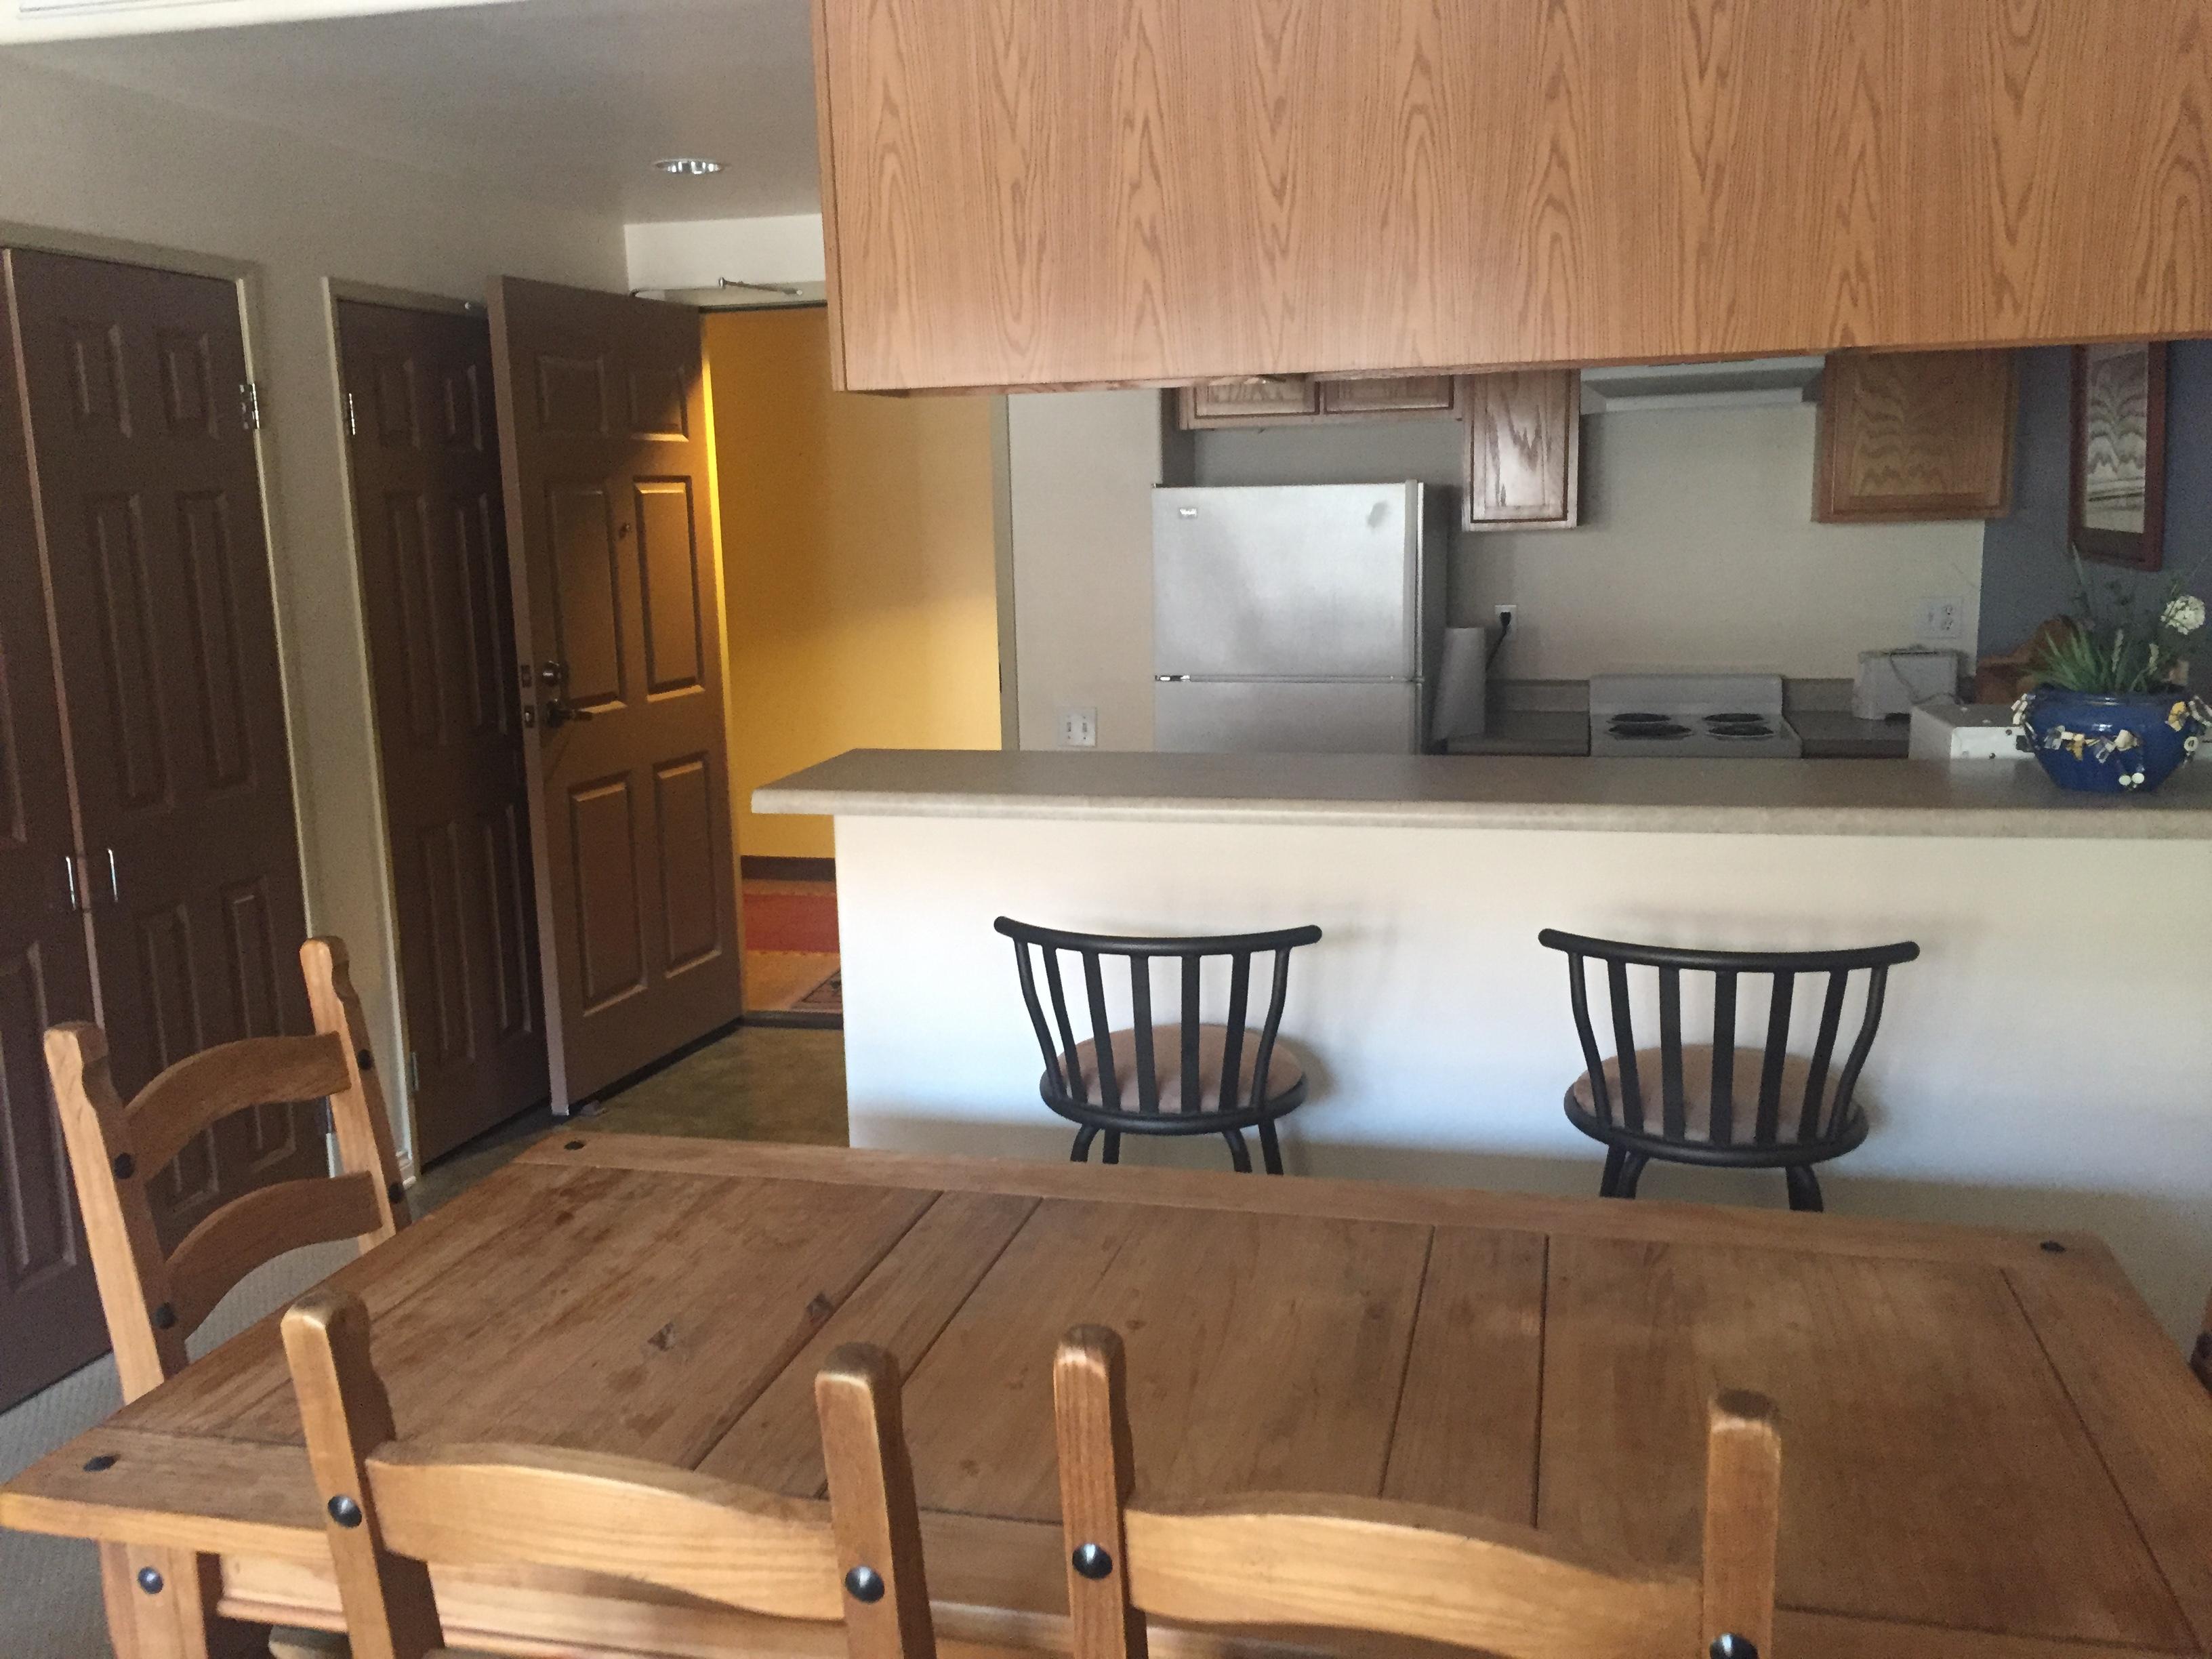 independent apartment communities